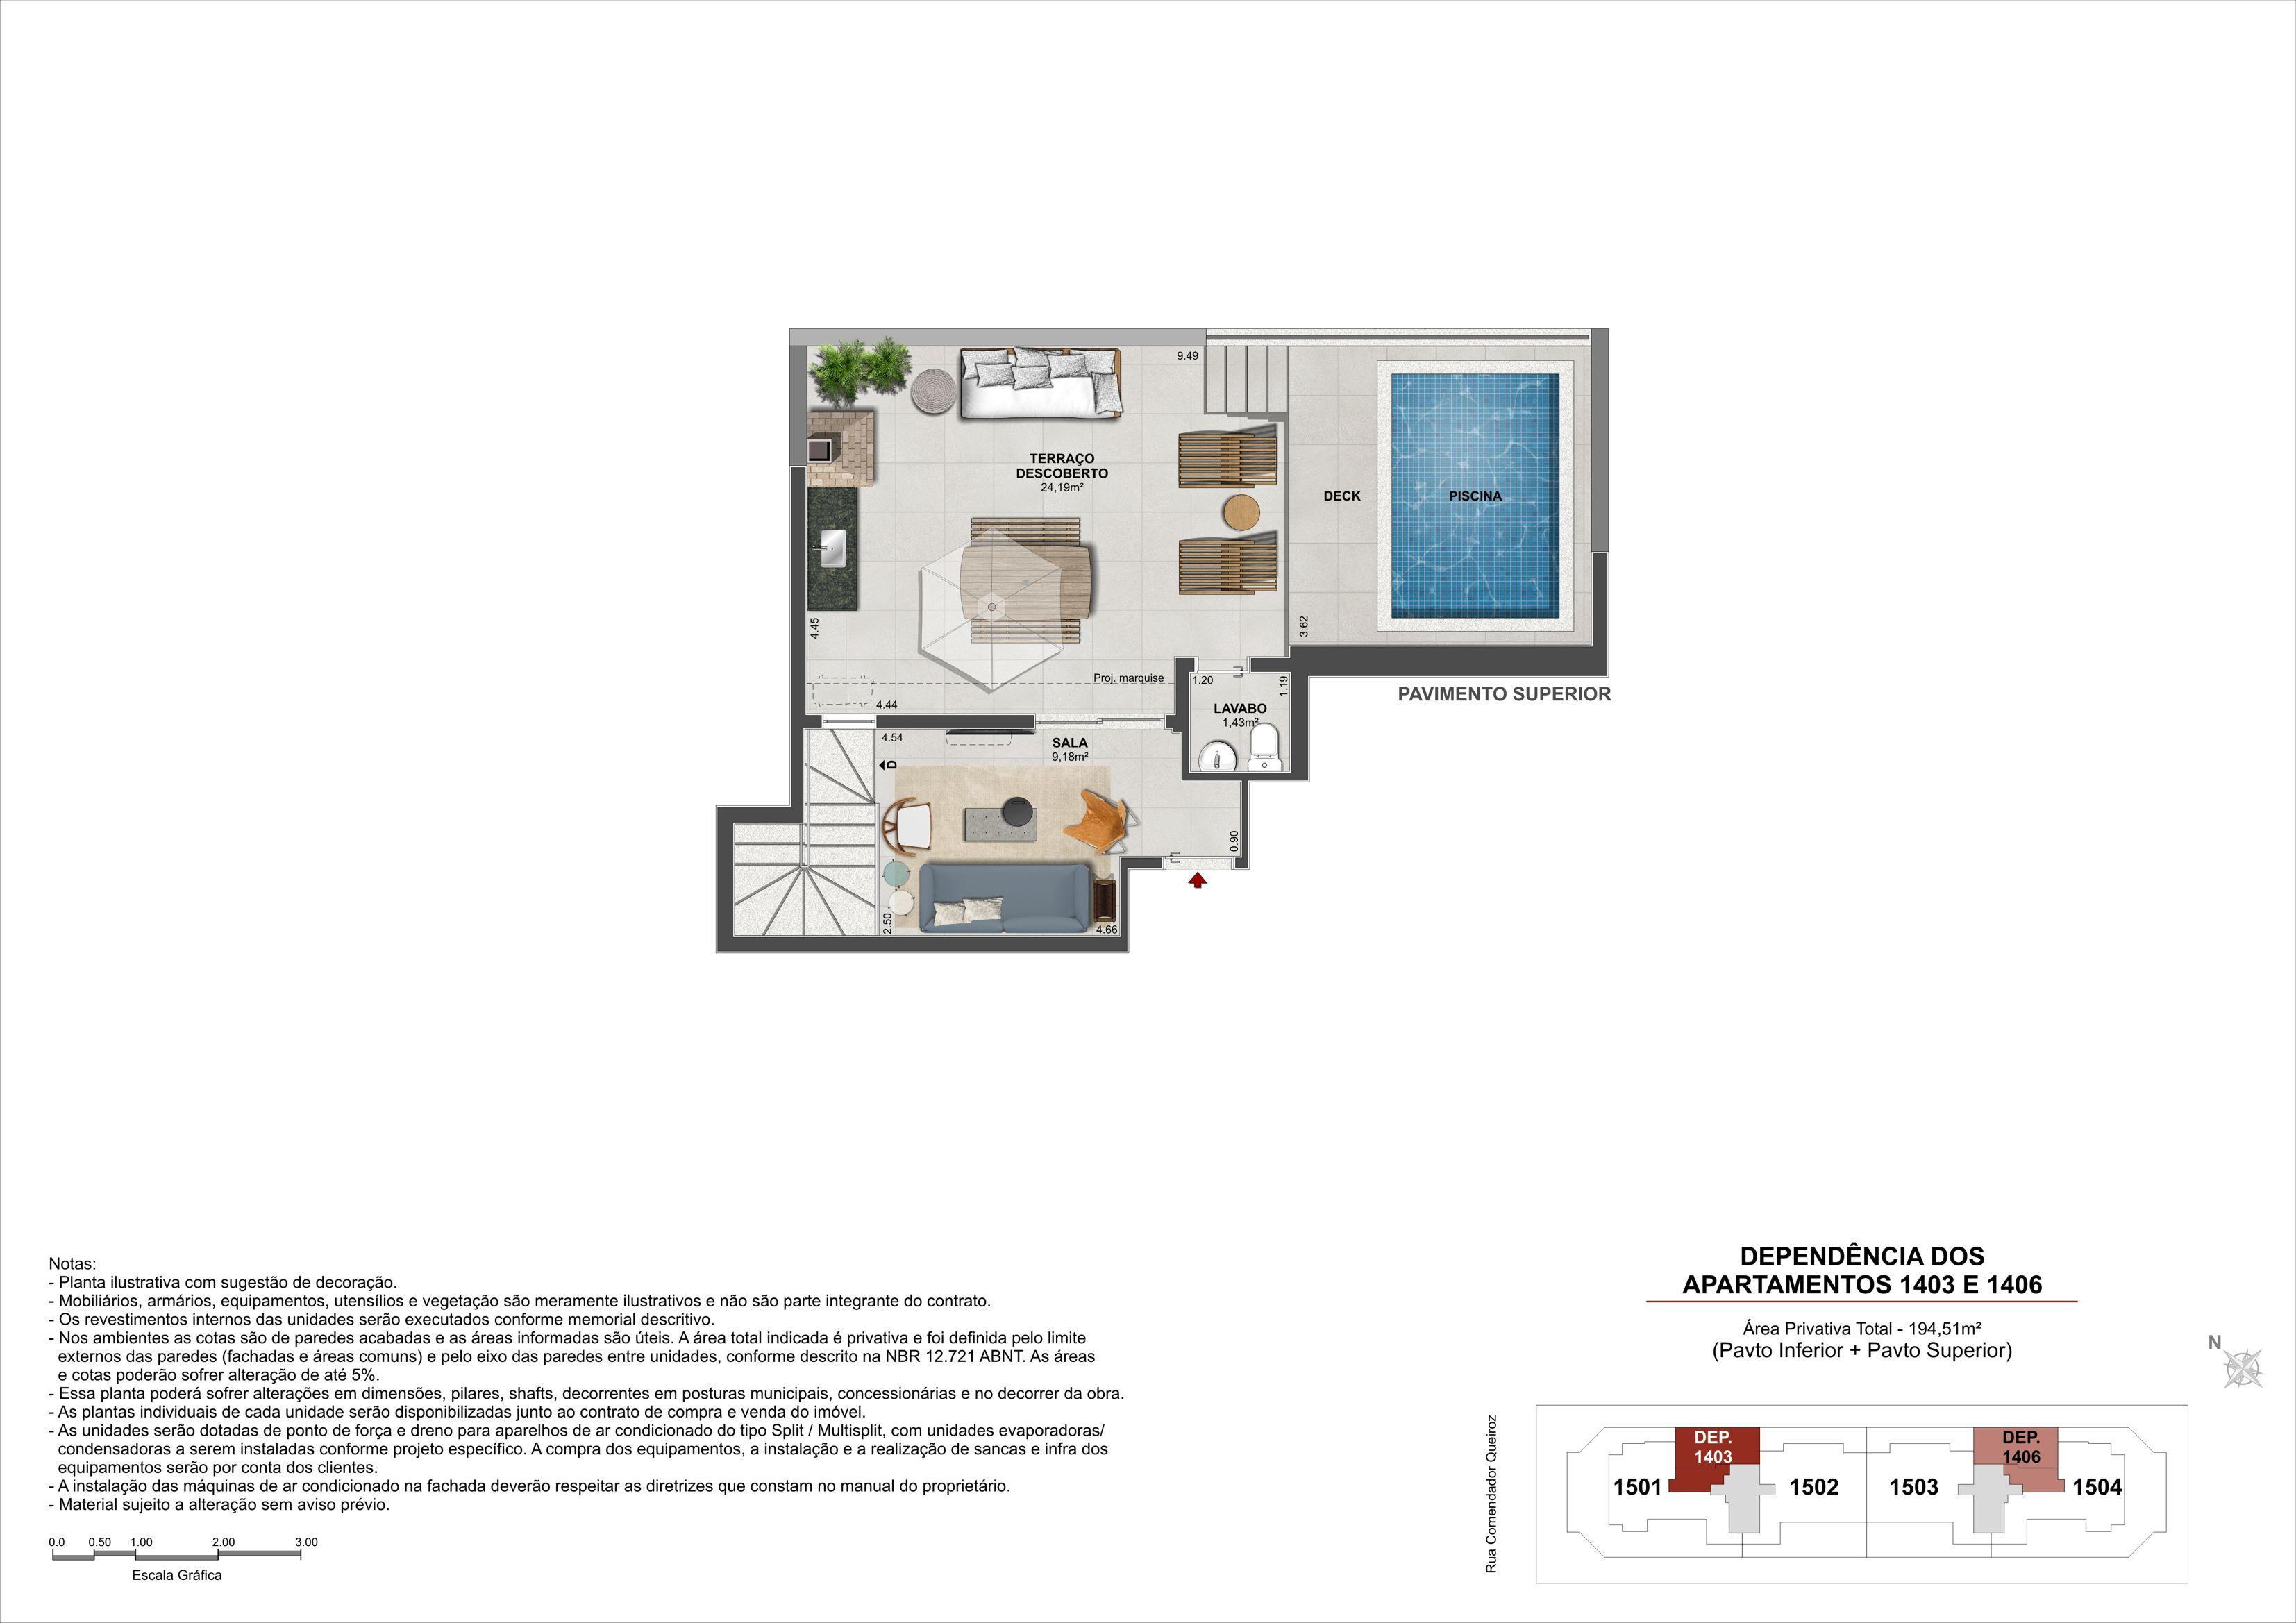 Cobertura Duplex (Pavimento Superior) - Área Privativa: 194,51m²